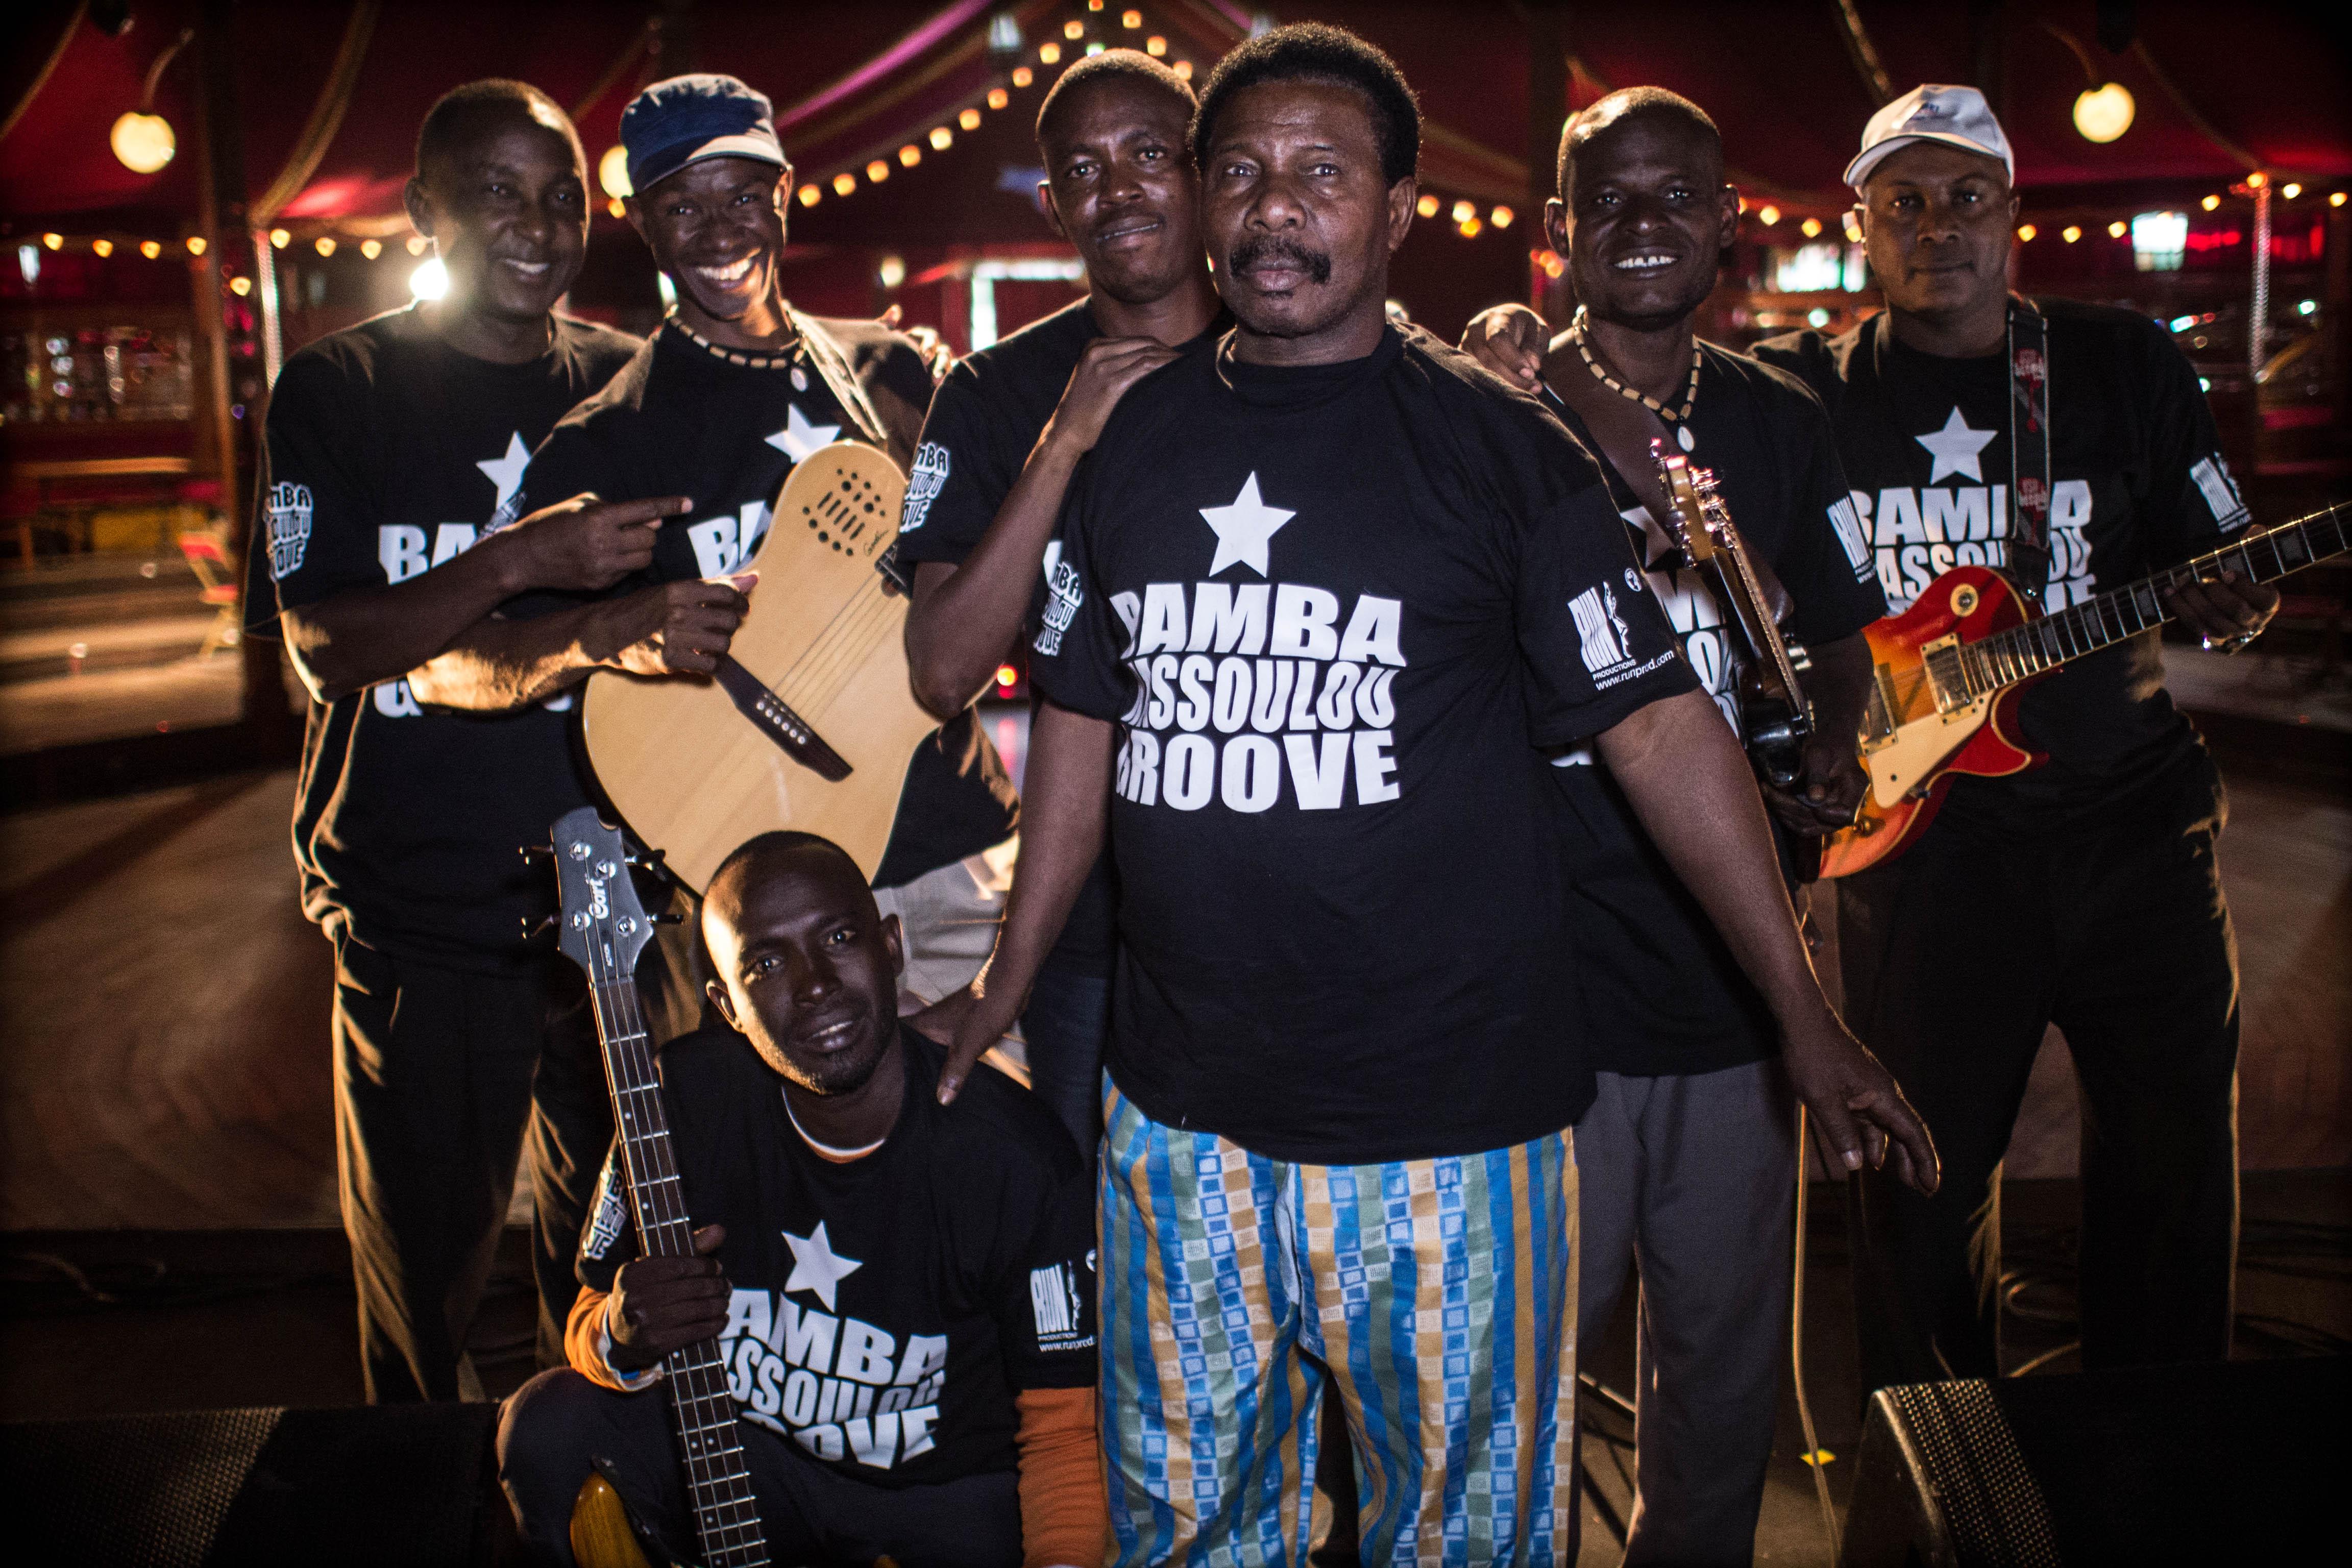 Bamba Wassoulou Groove (Mali)